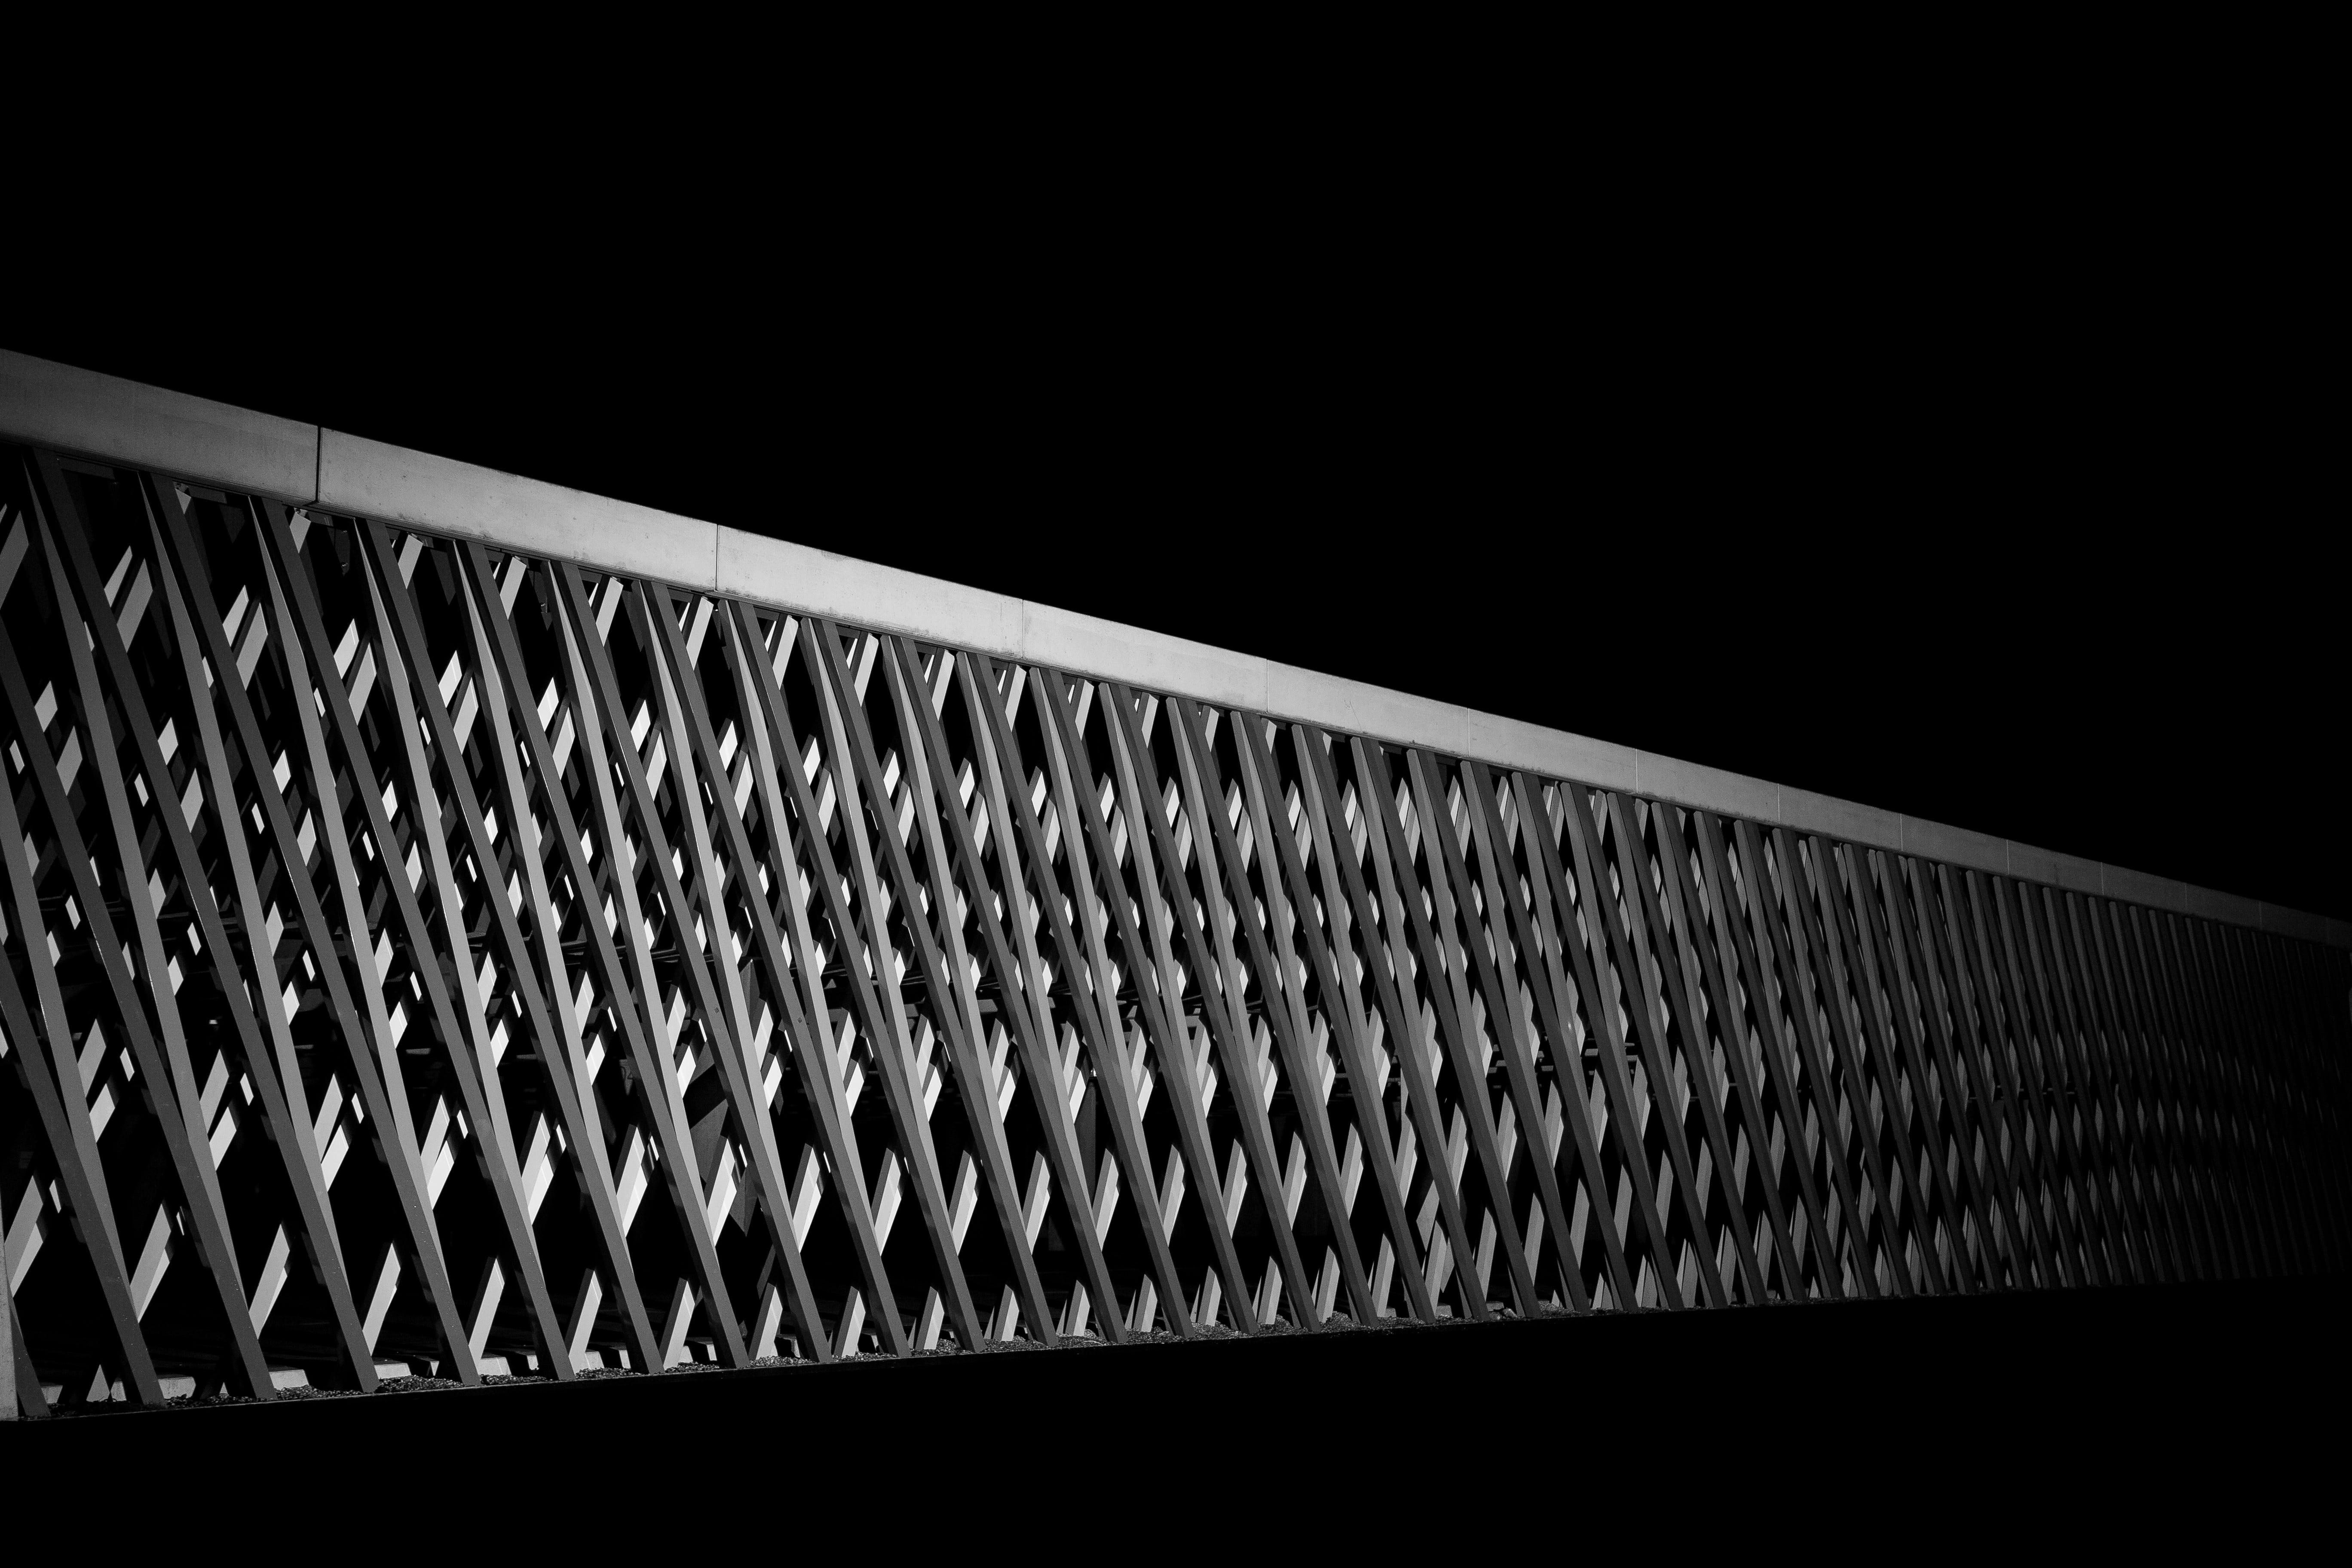 Series black railing rainer taepper